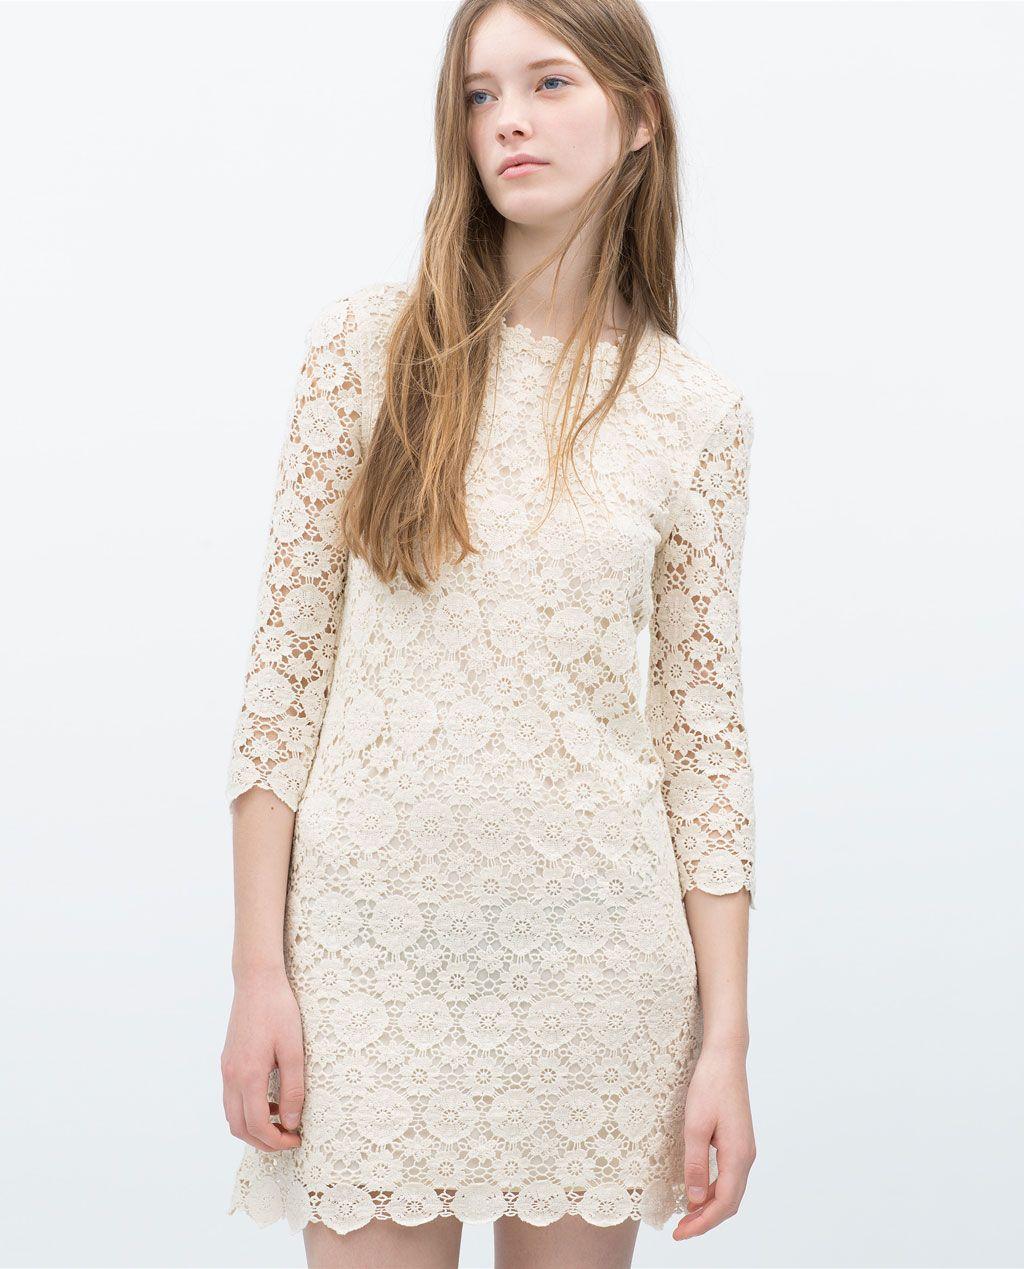 Zara Day Trf DressesDresses Vestido CrochetSummer rtxshdCQ